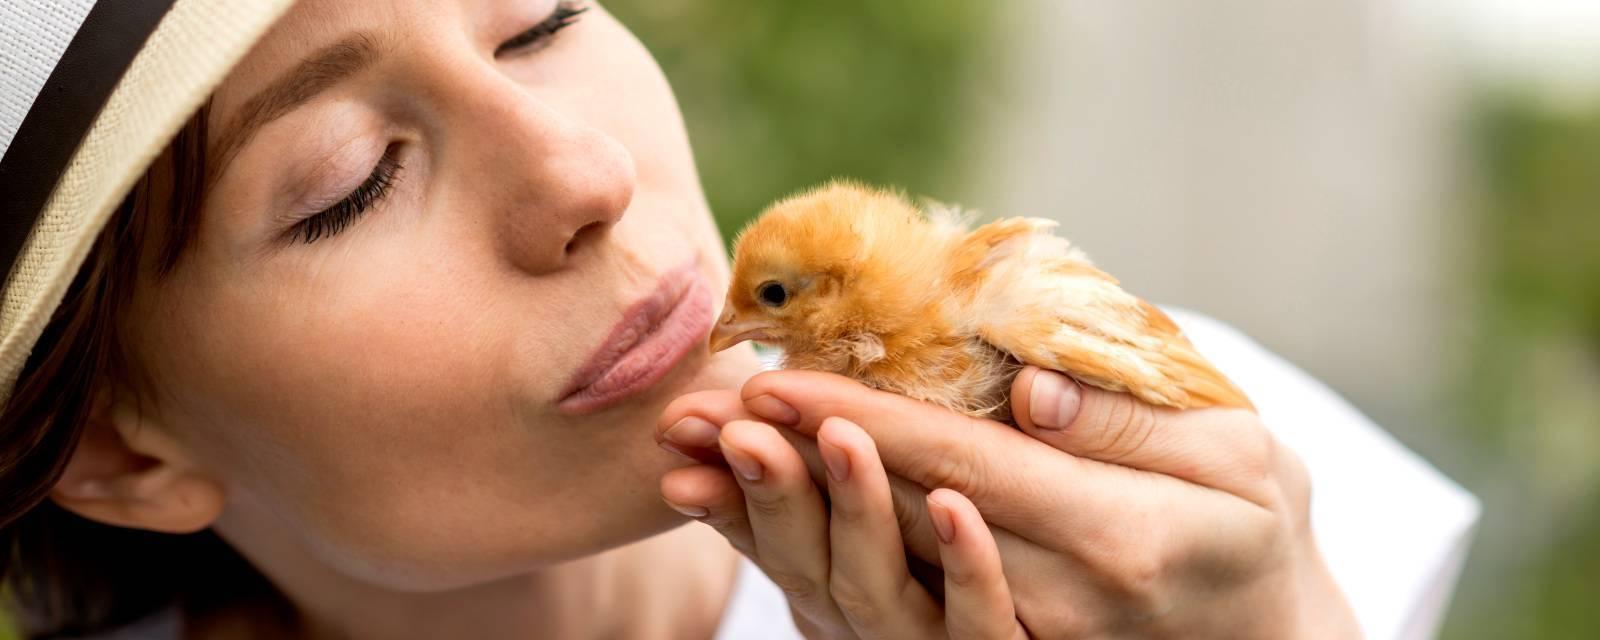 Чем пропоить цыплят в первые дни: профилактика заболеваний